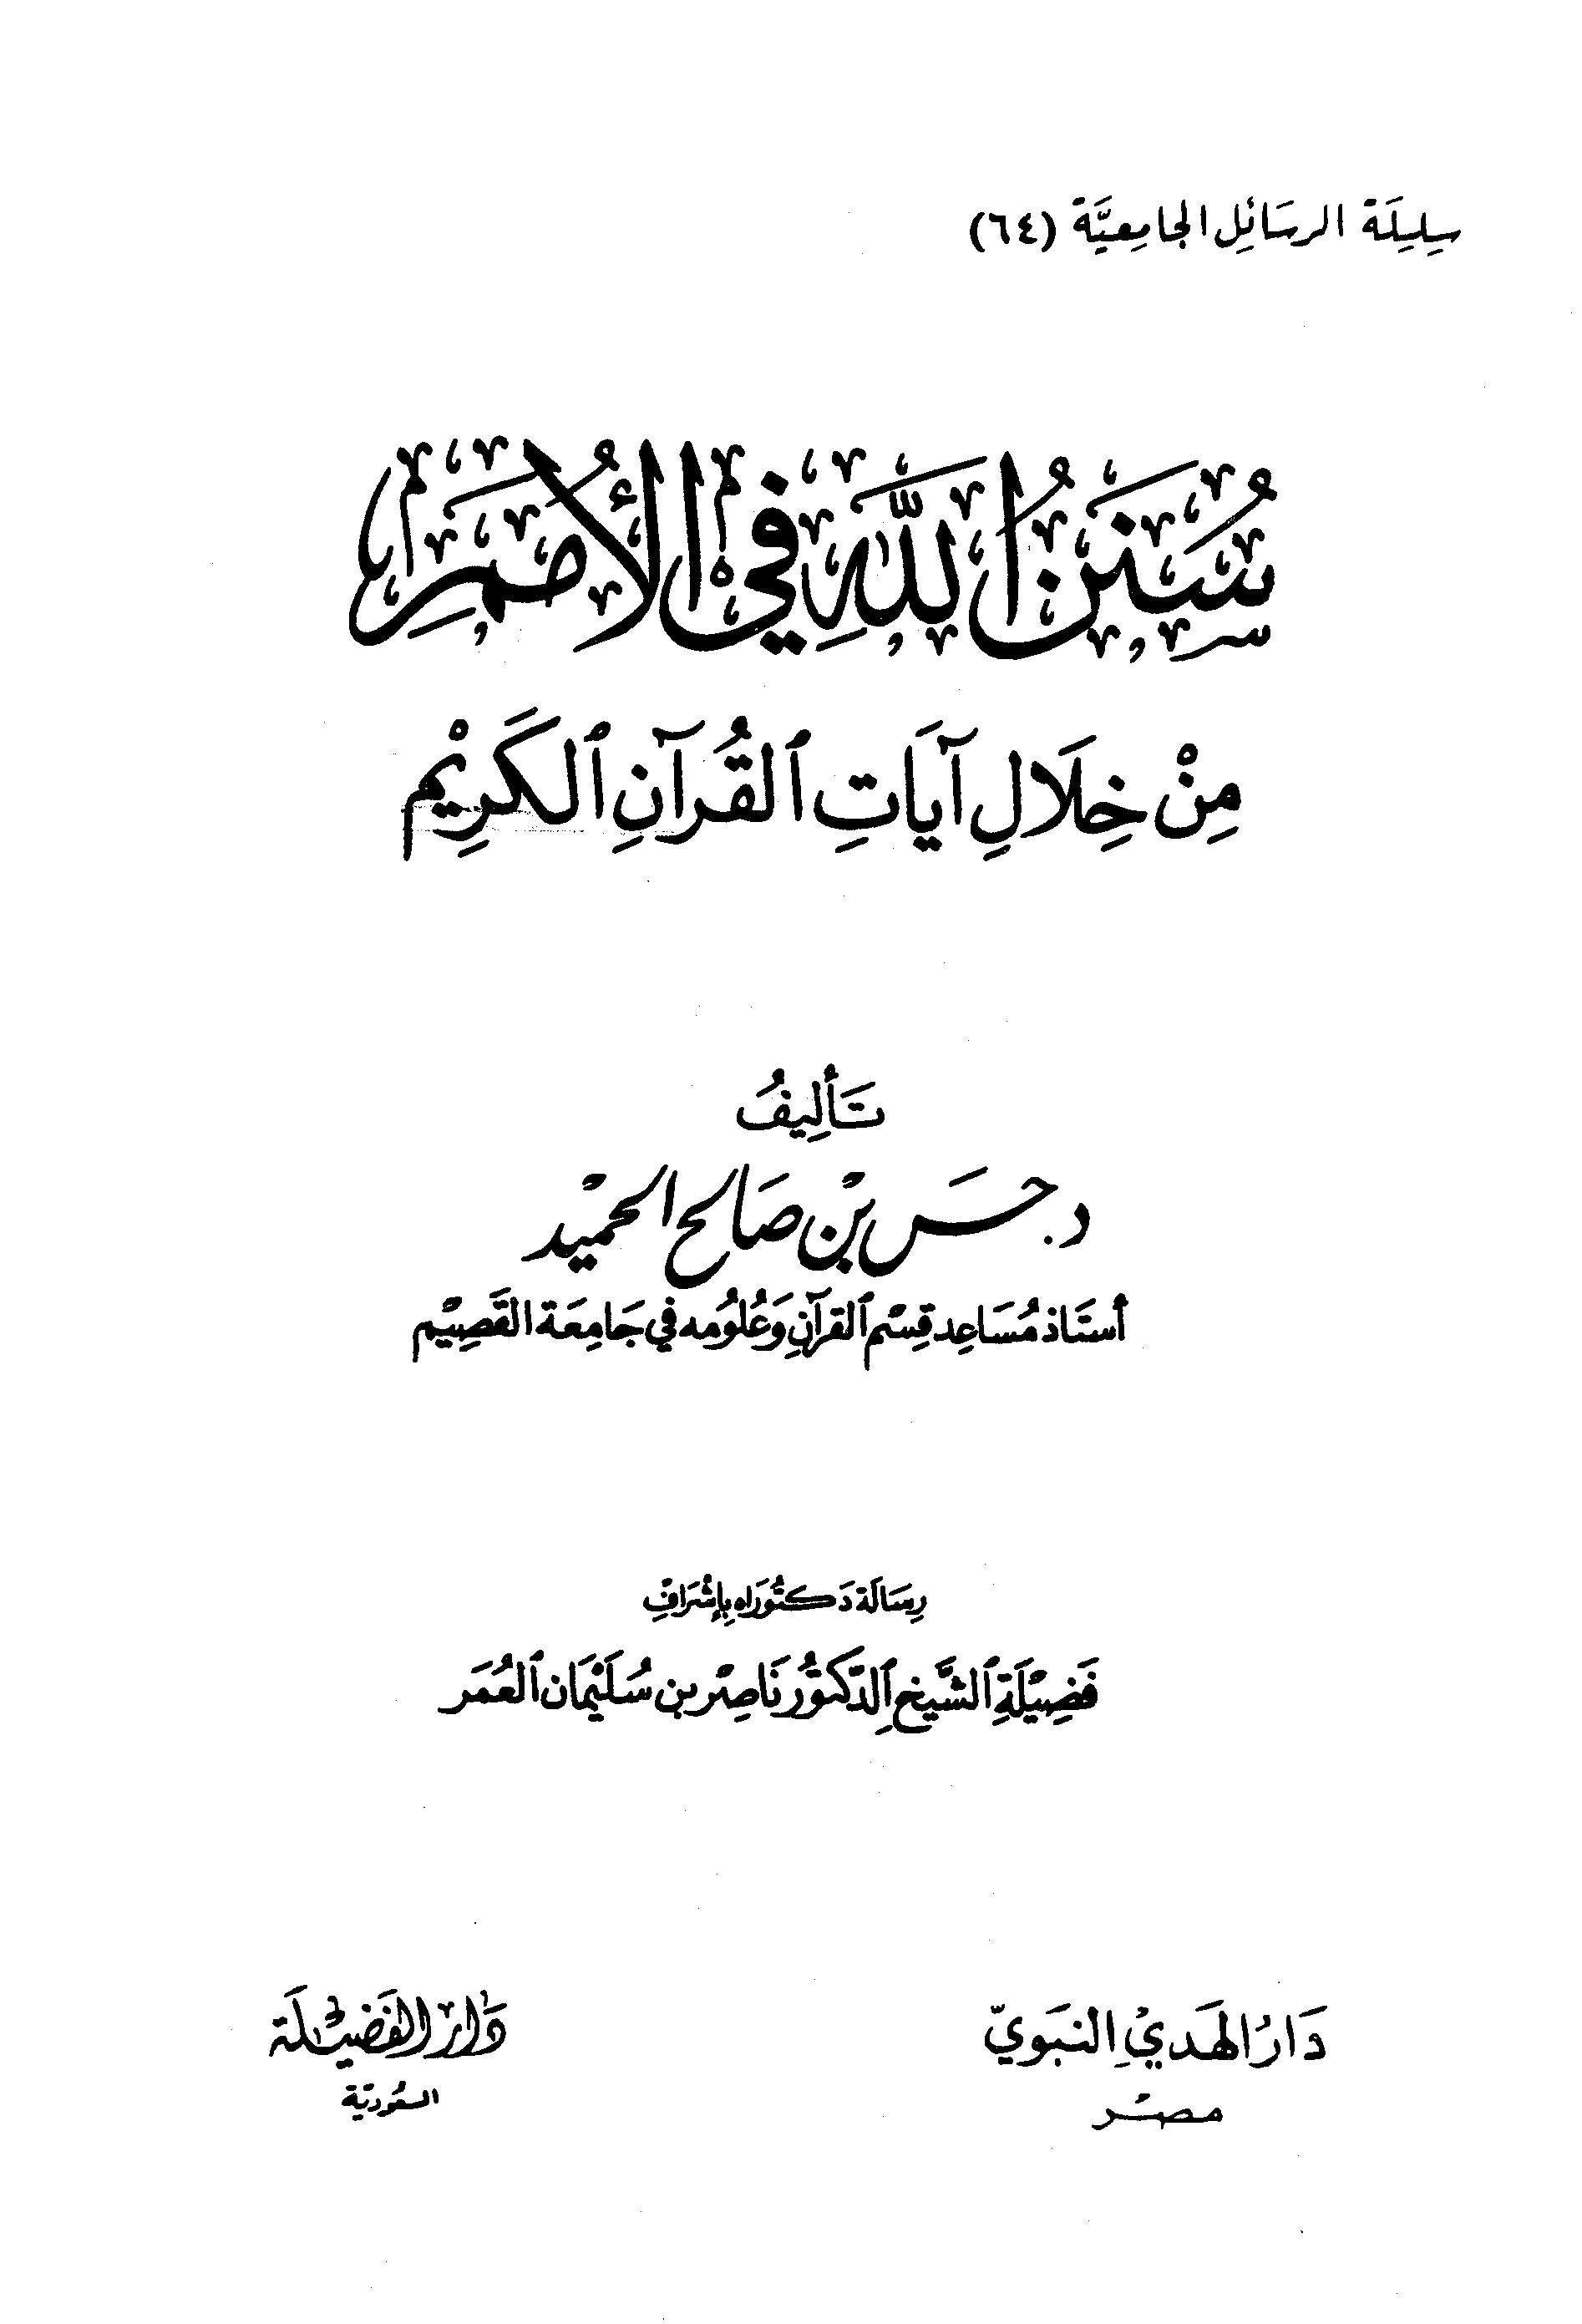 تحميل كتاب سنن الله في الأمم من خلال آيات القرآن الكريم لـِ: حسن بن صالح الحميد